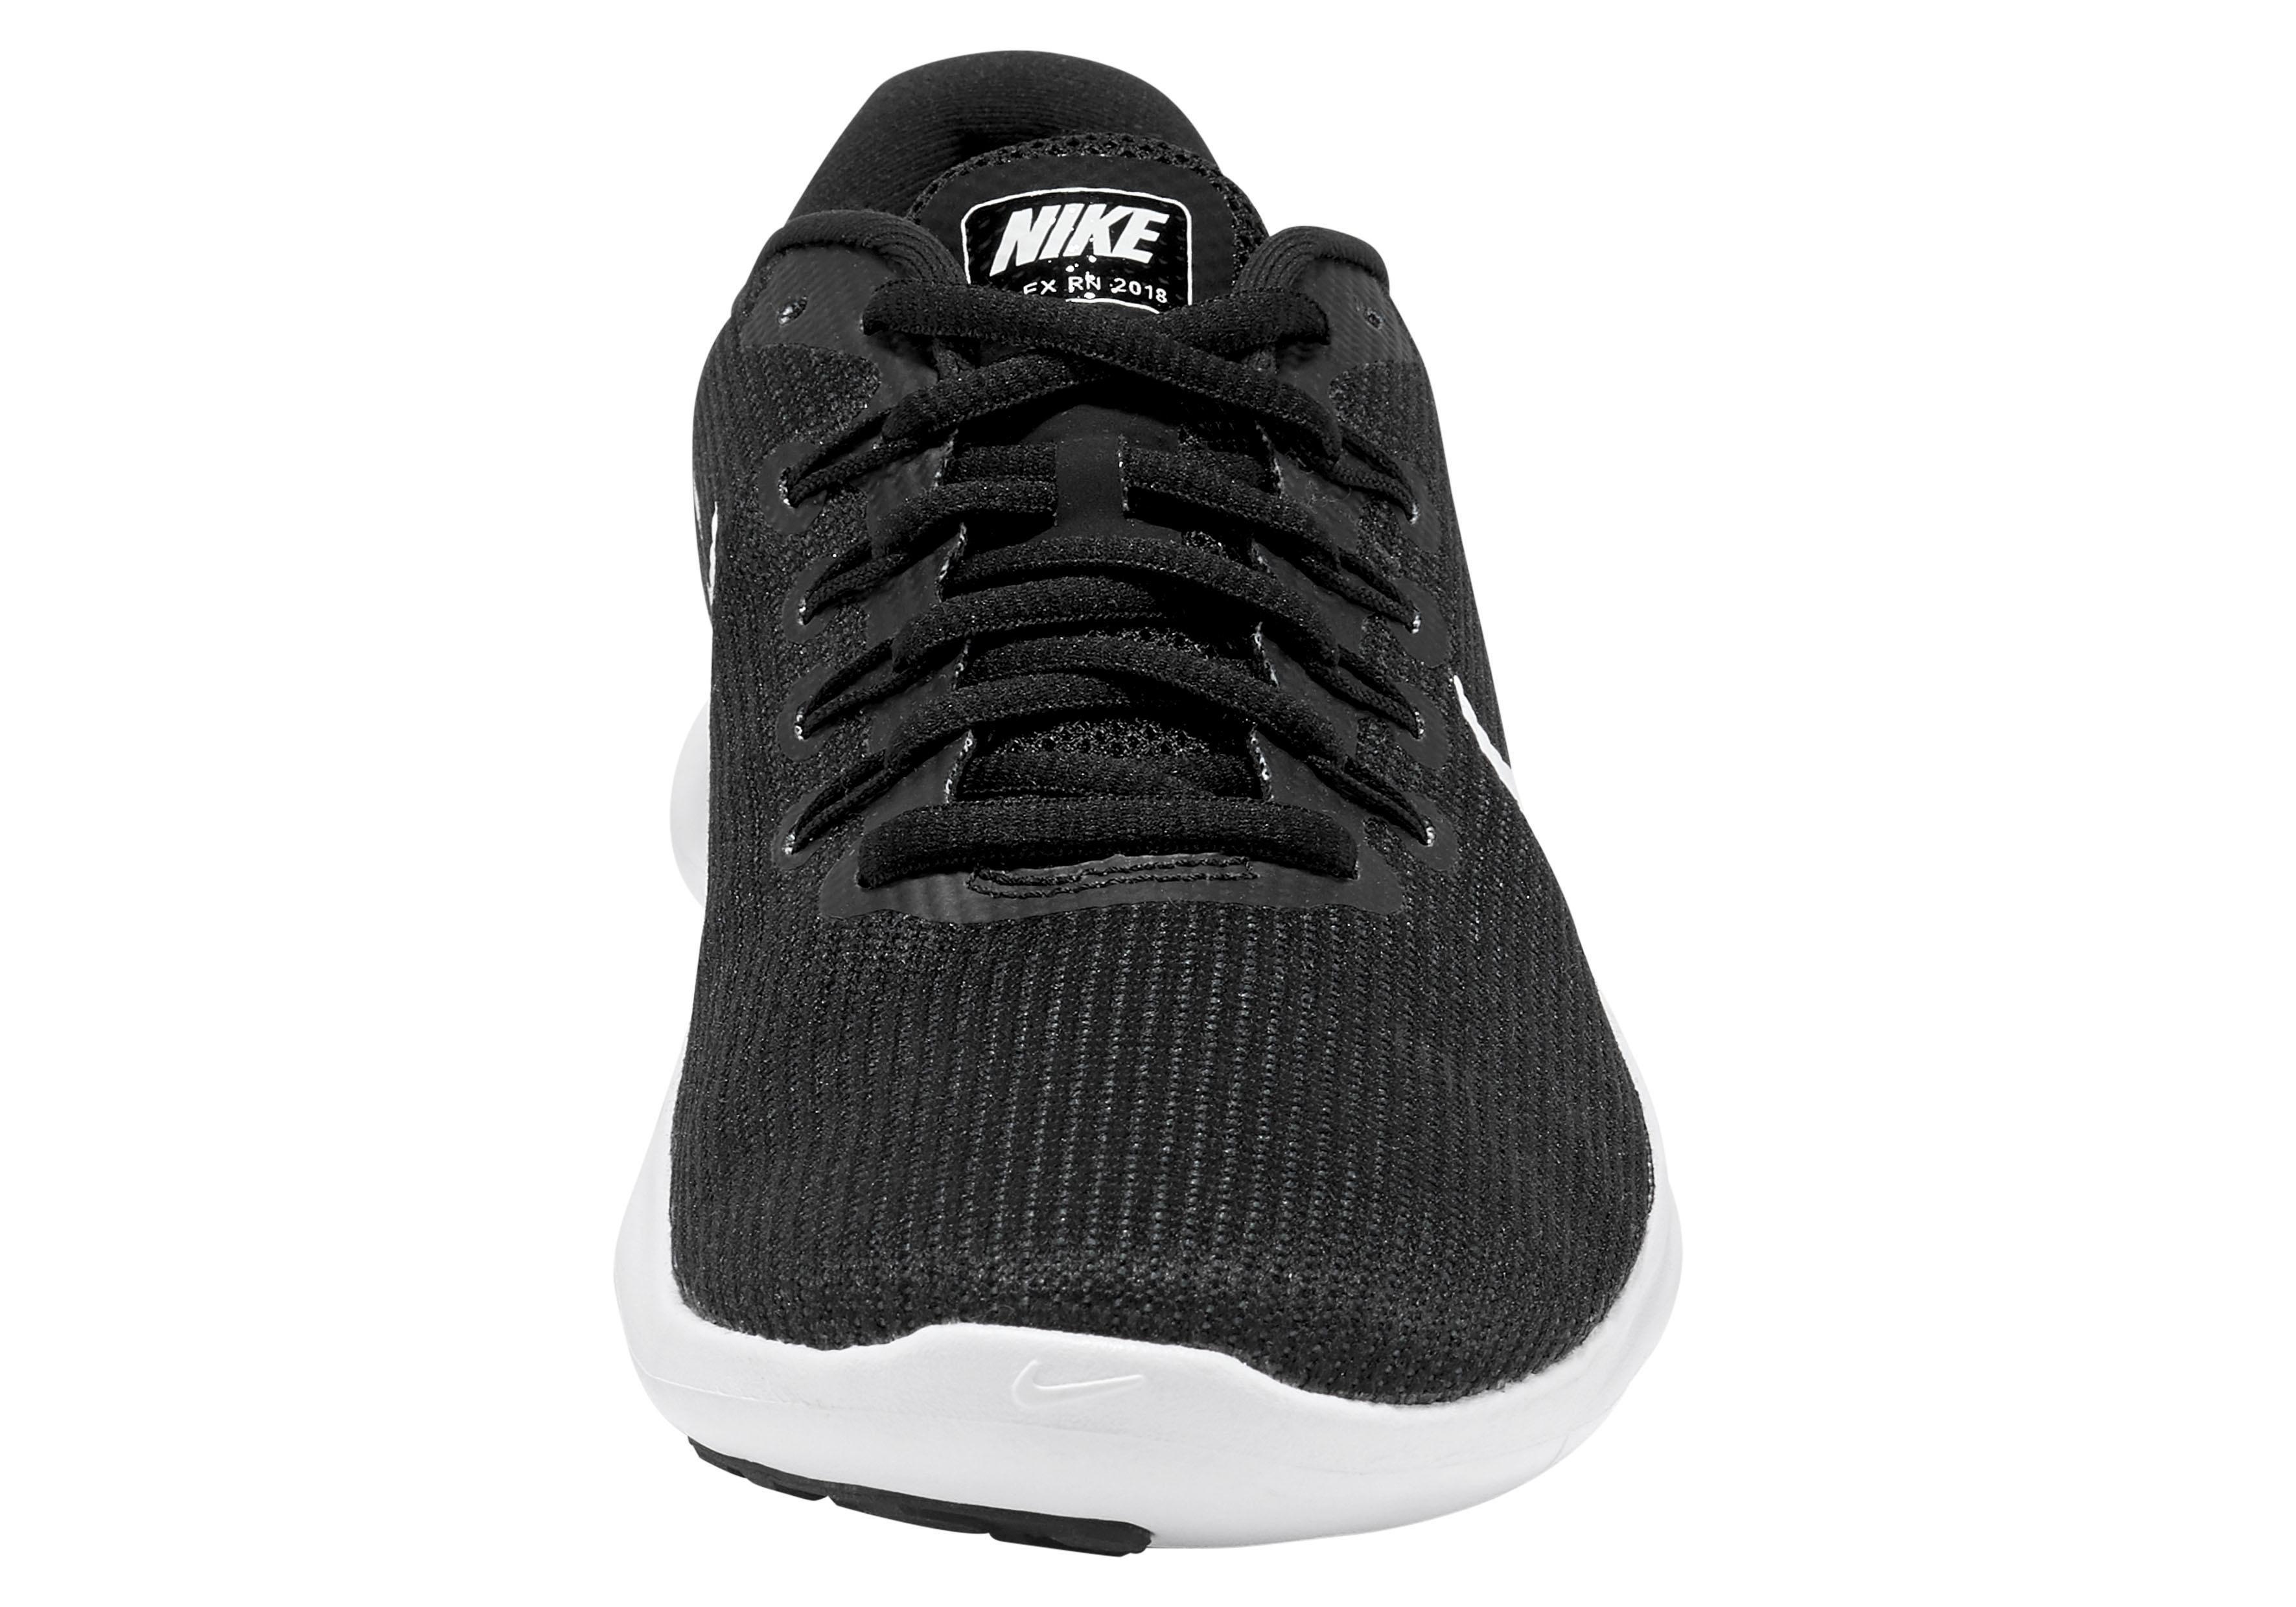 2018 Nike Run Winkel Flex Runningschoenenwmns Online De In A4LjR5